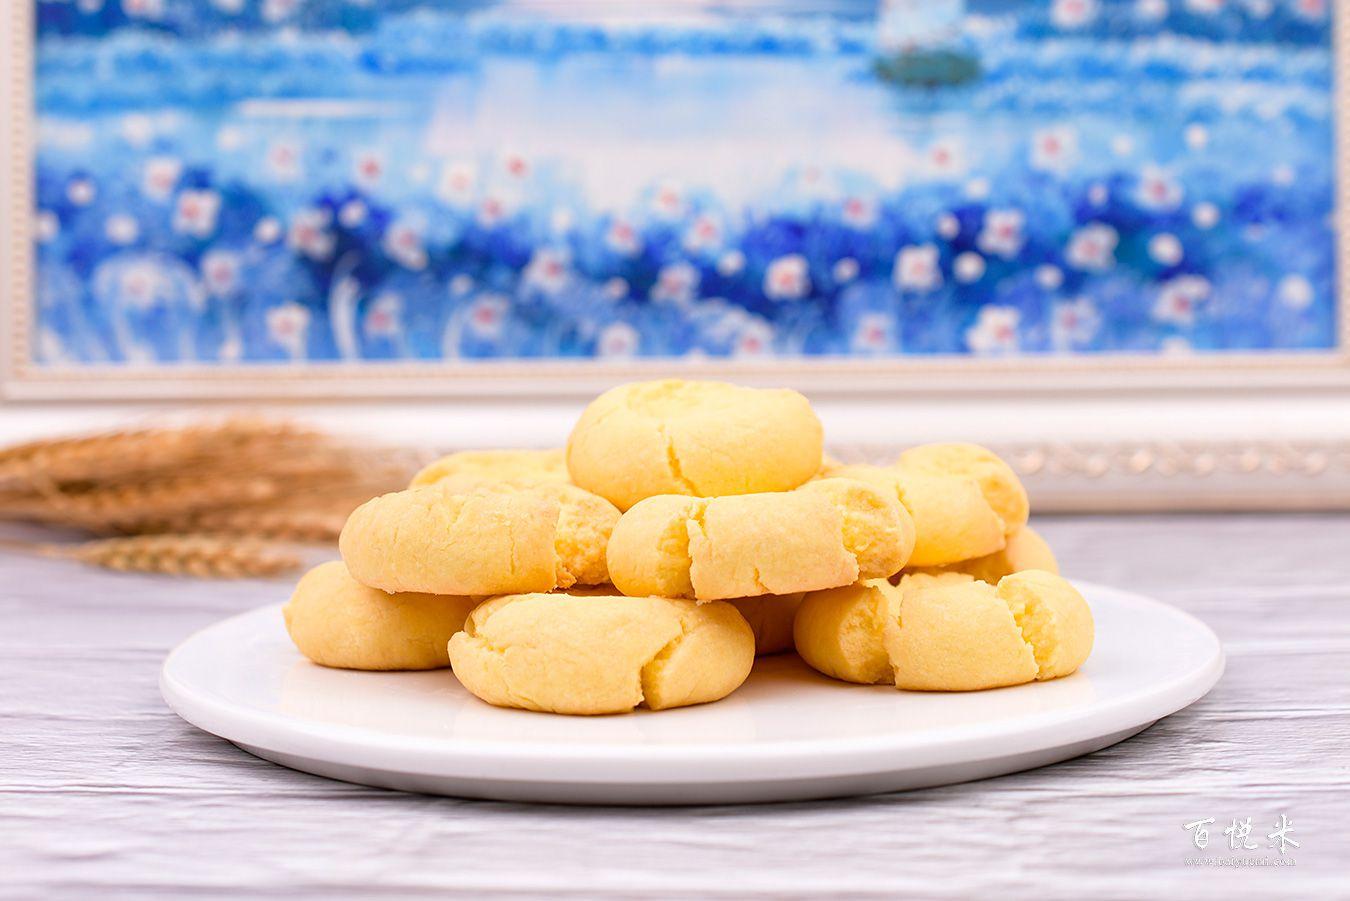 玛格丽特饼干高清图片大全【蛋糕图片】_408